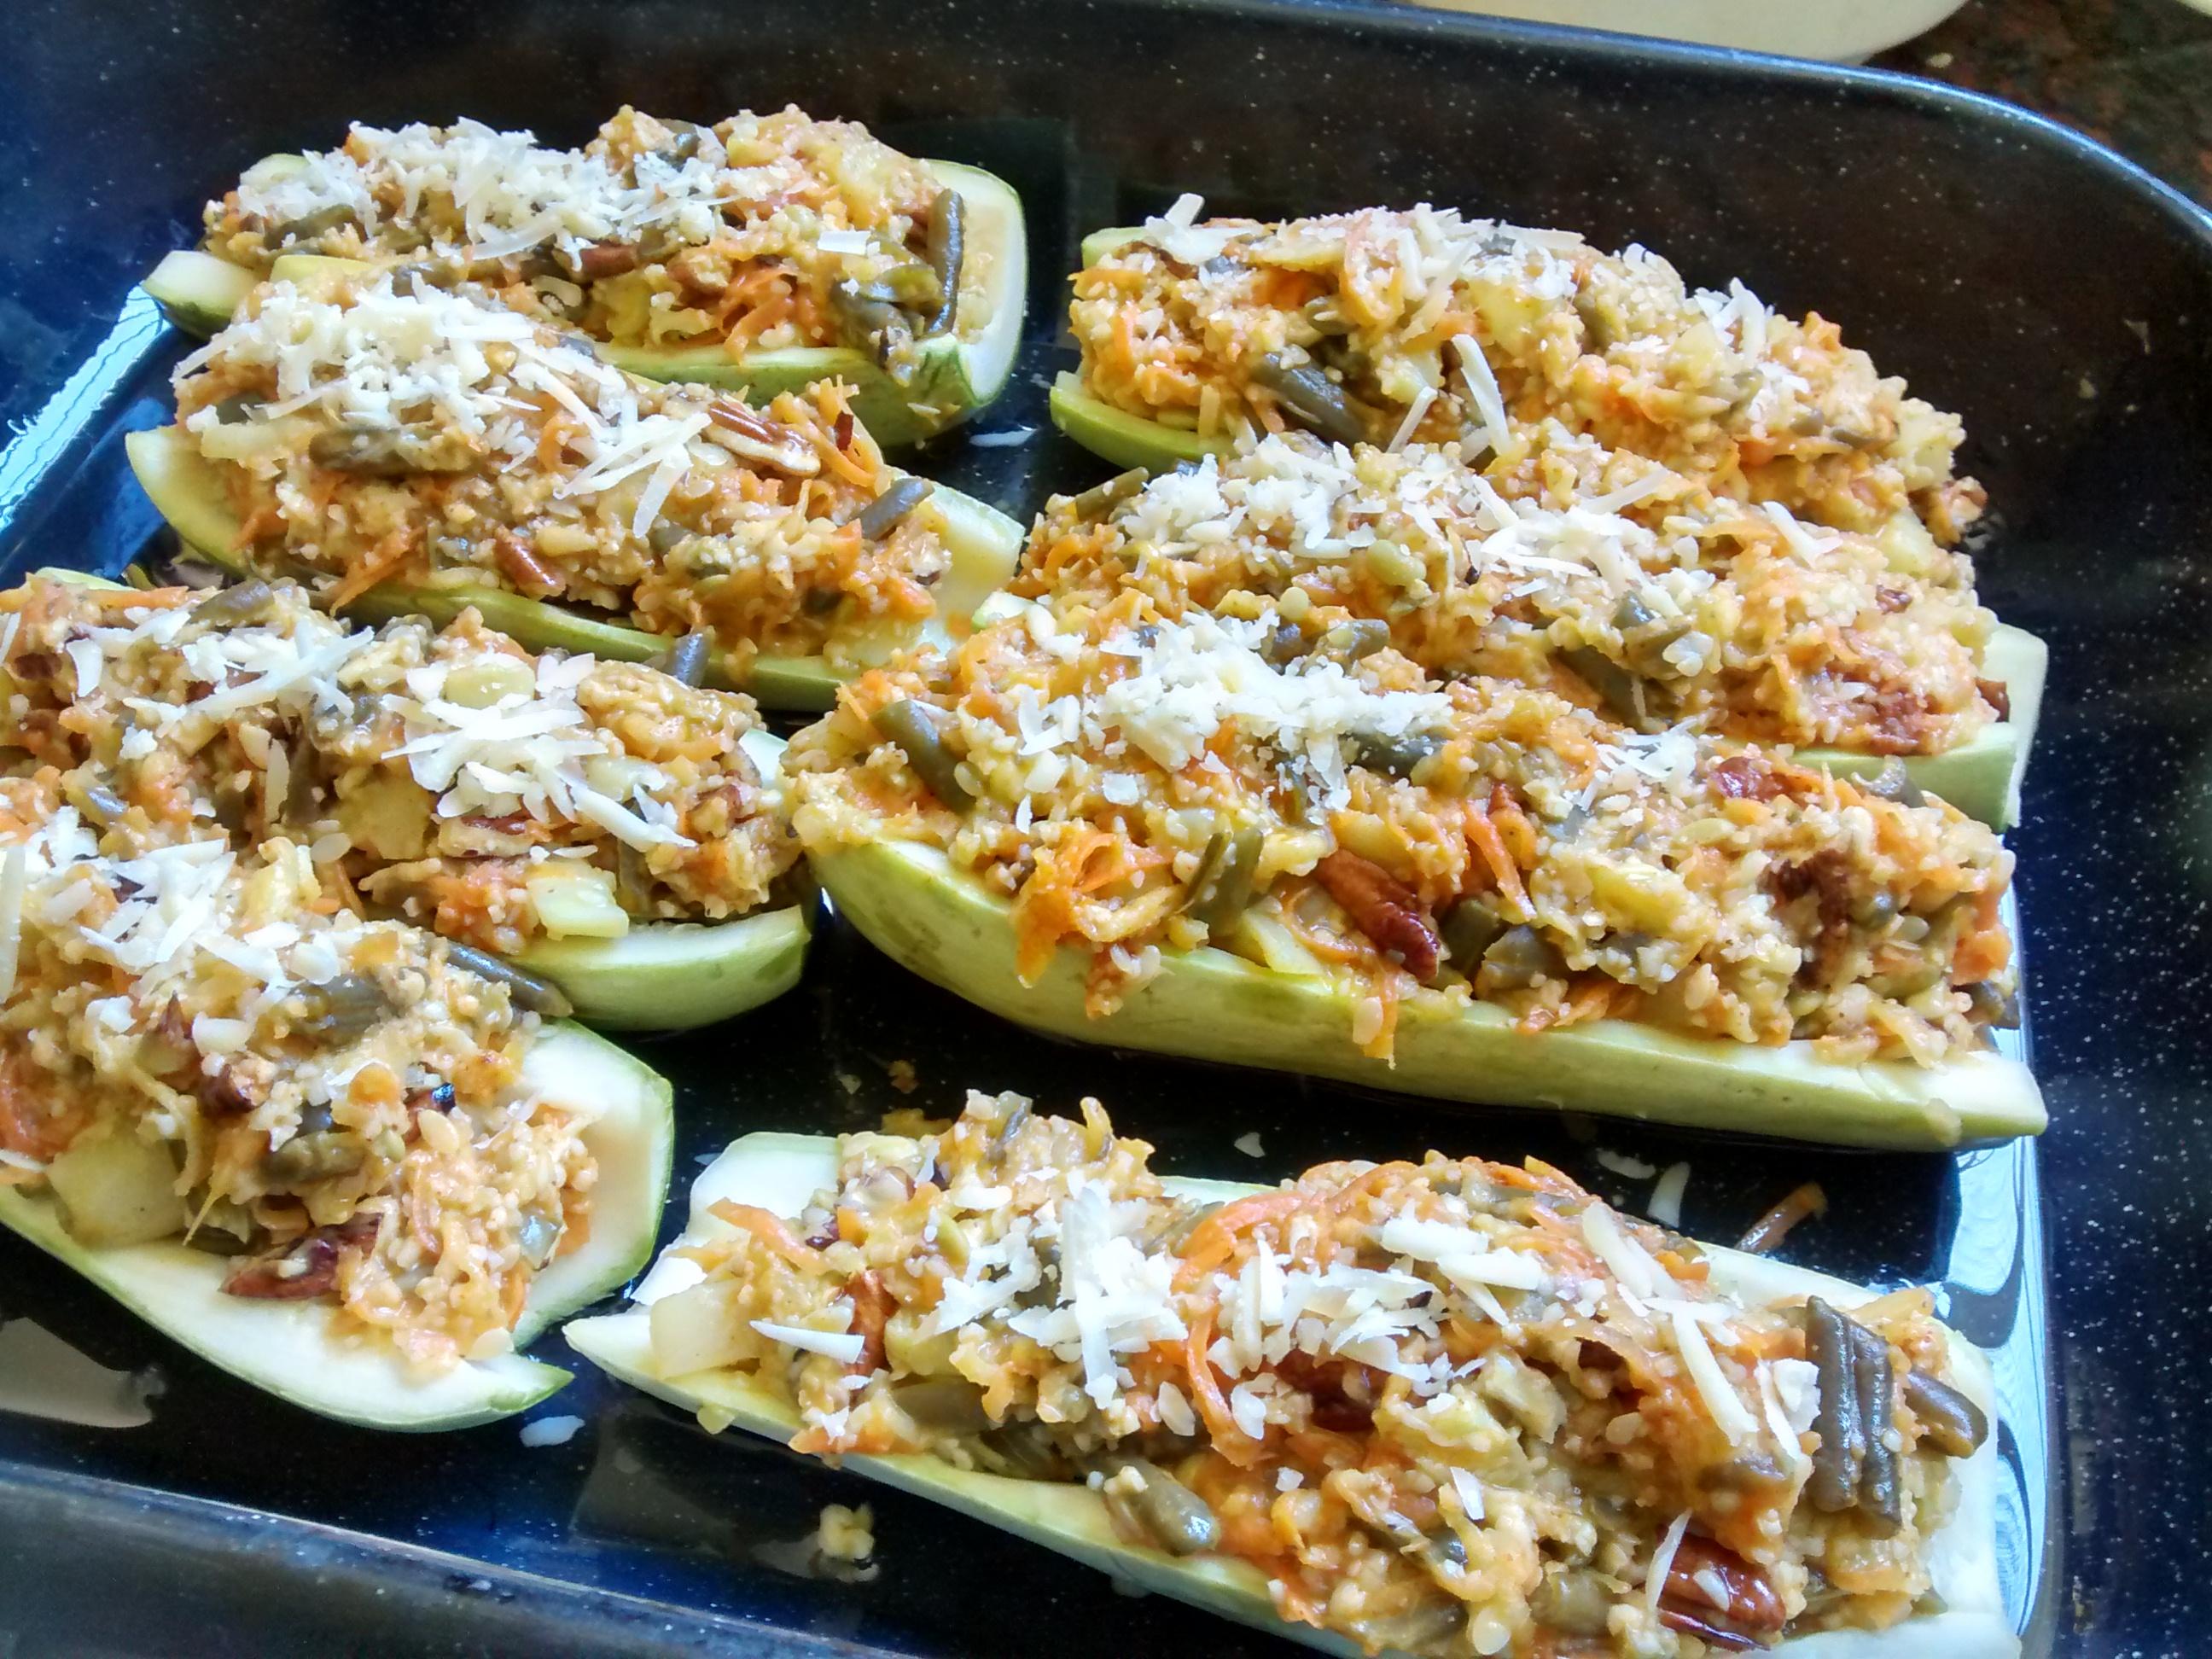 zucchini rellenos, descubre lo rica que es esta comida con los ingredientes que tiene